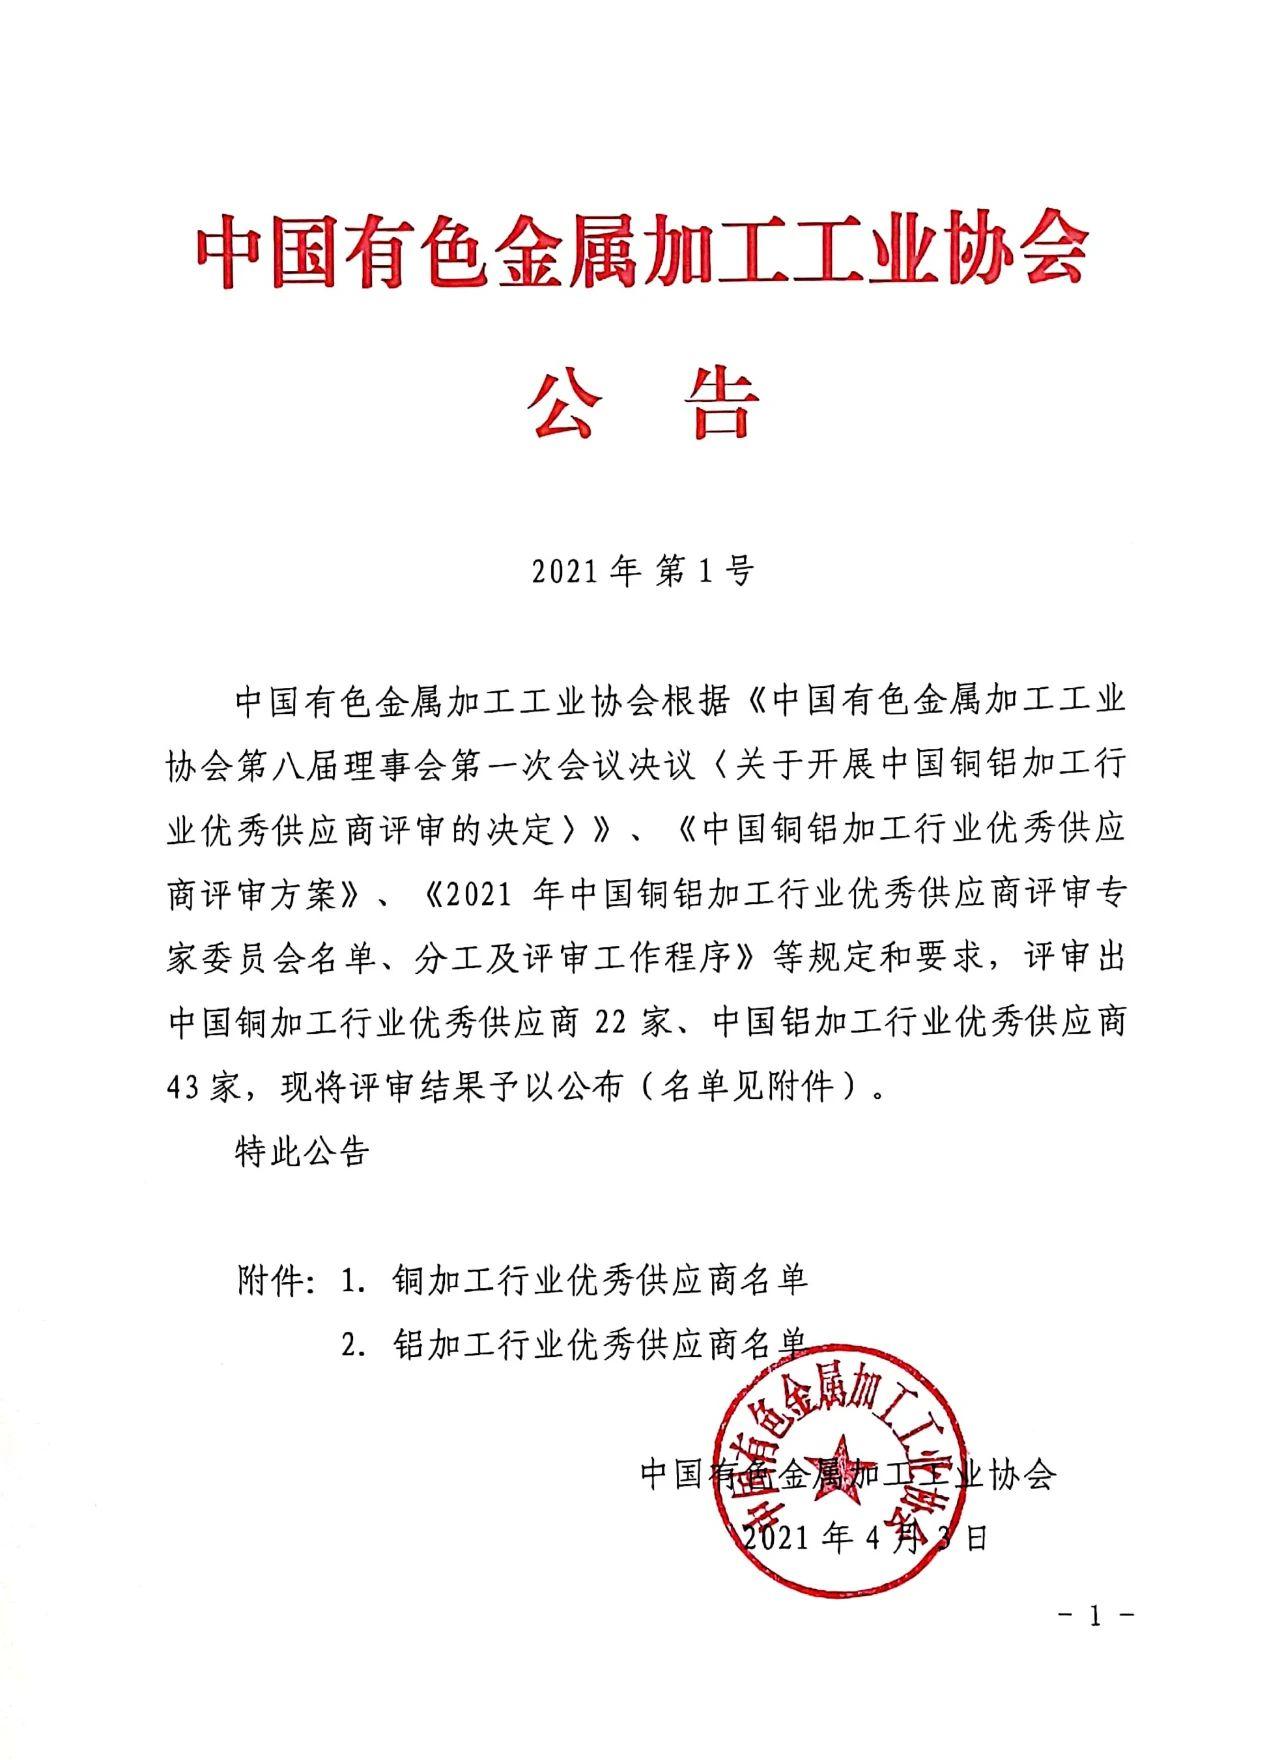 大連康豐獲評中國銅加工行業優秀供應商